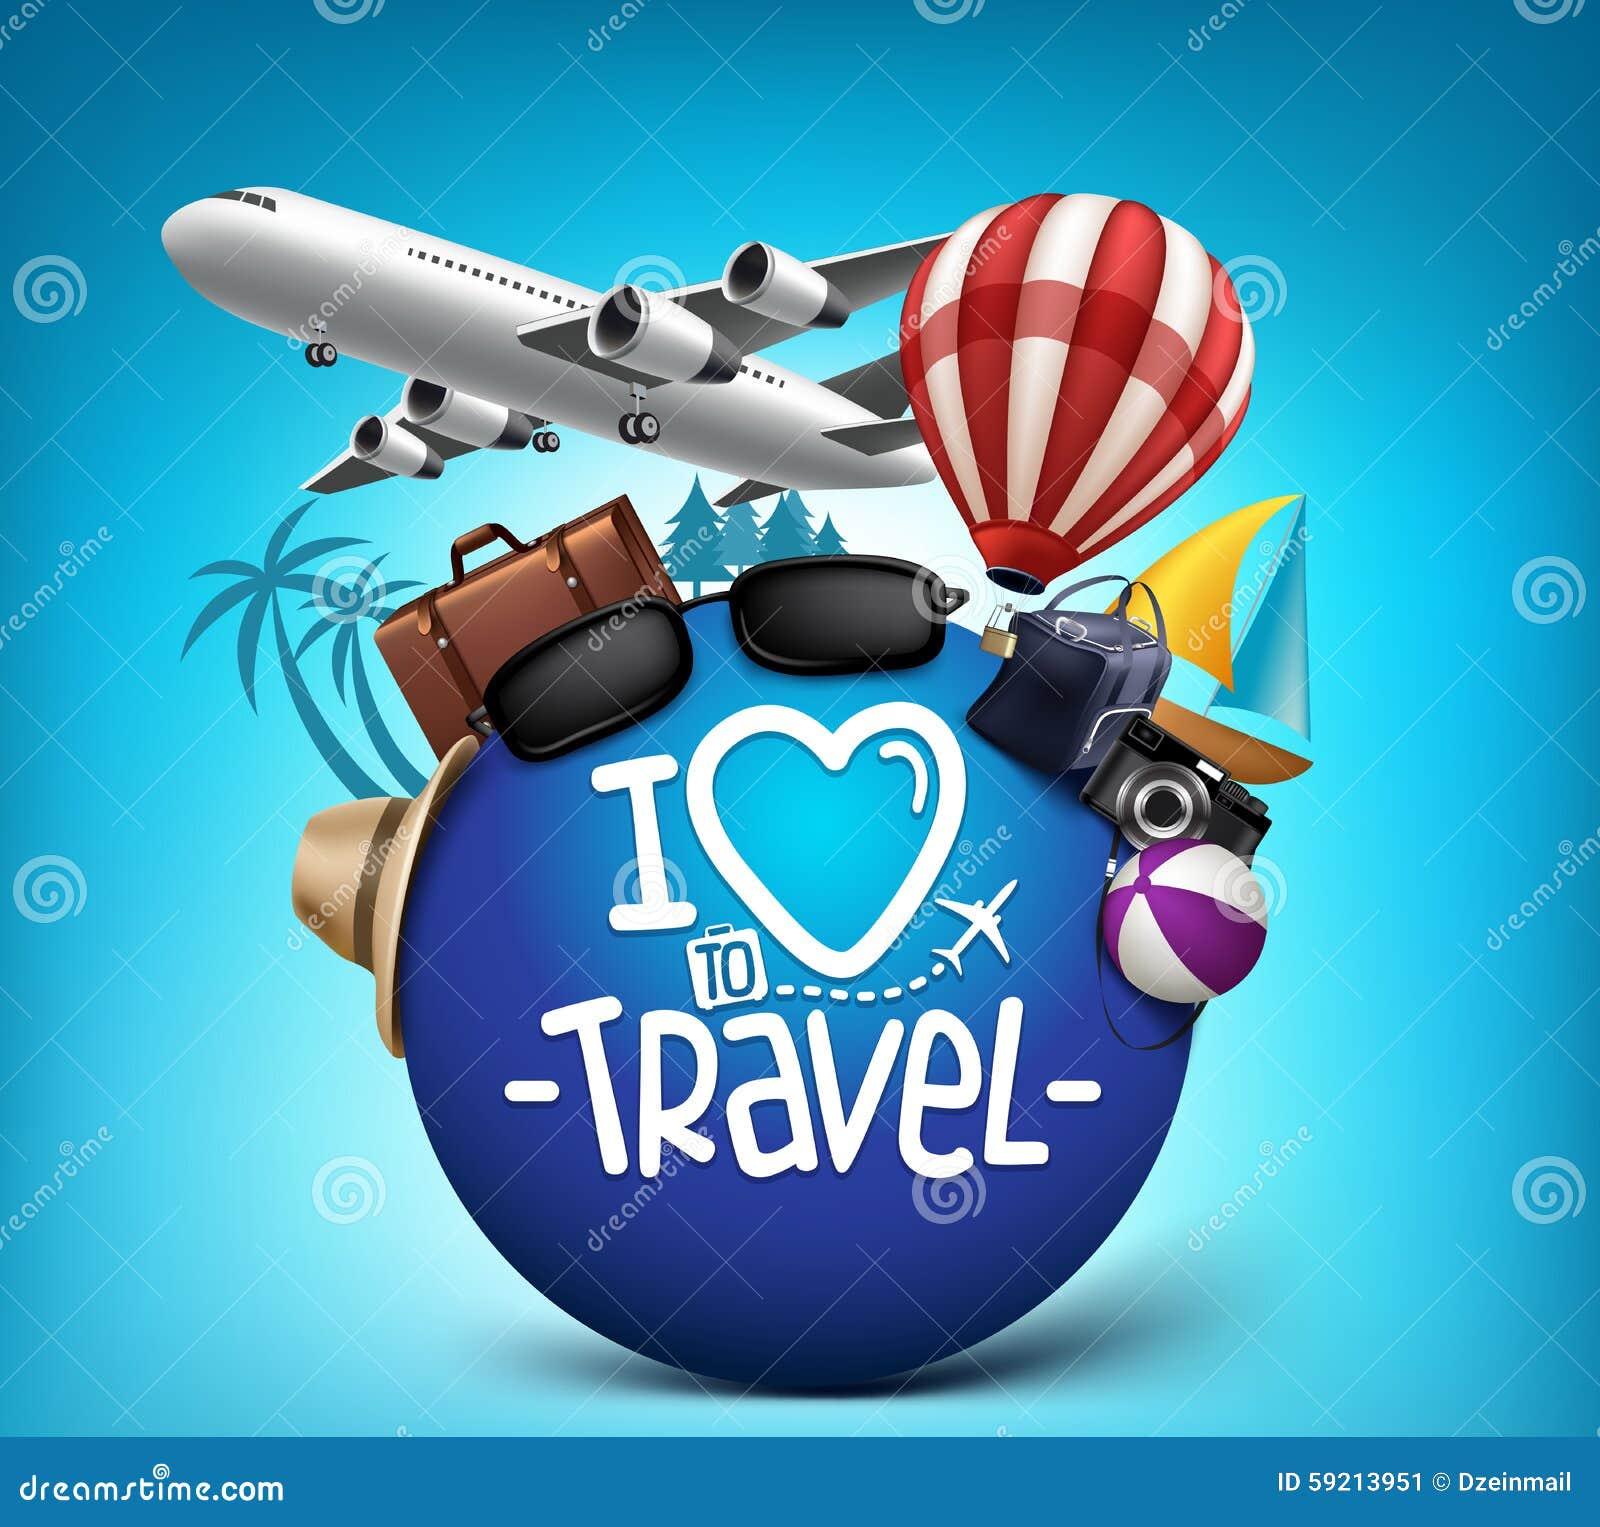 Travel Around The World Bag